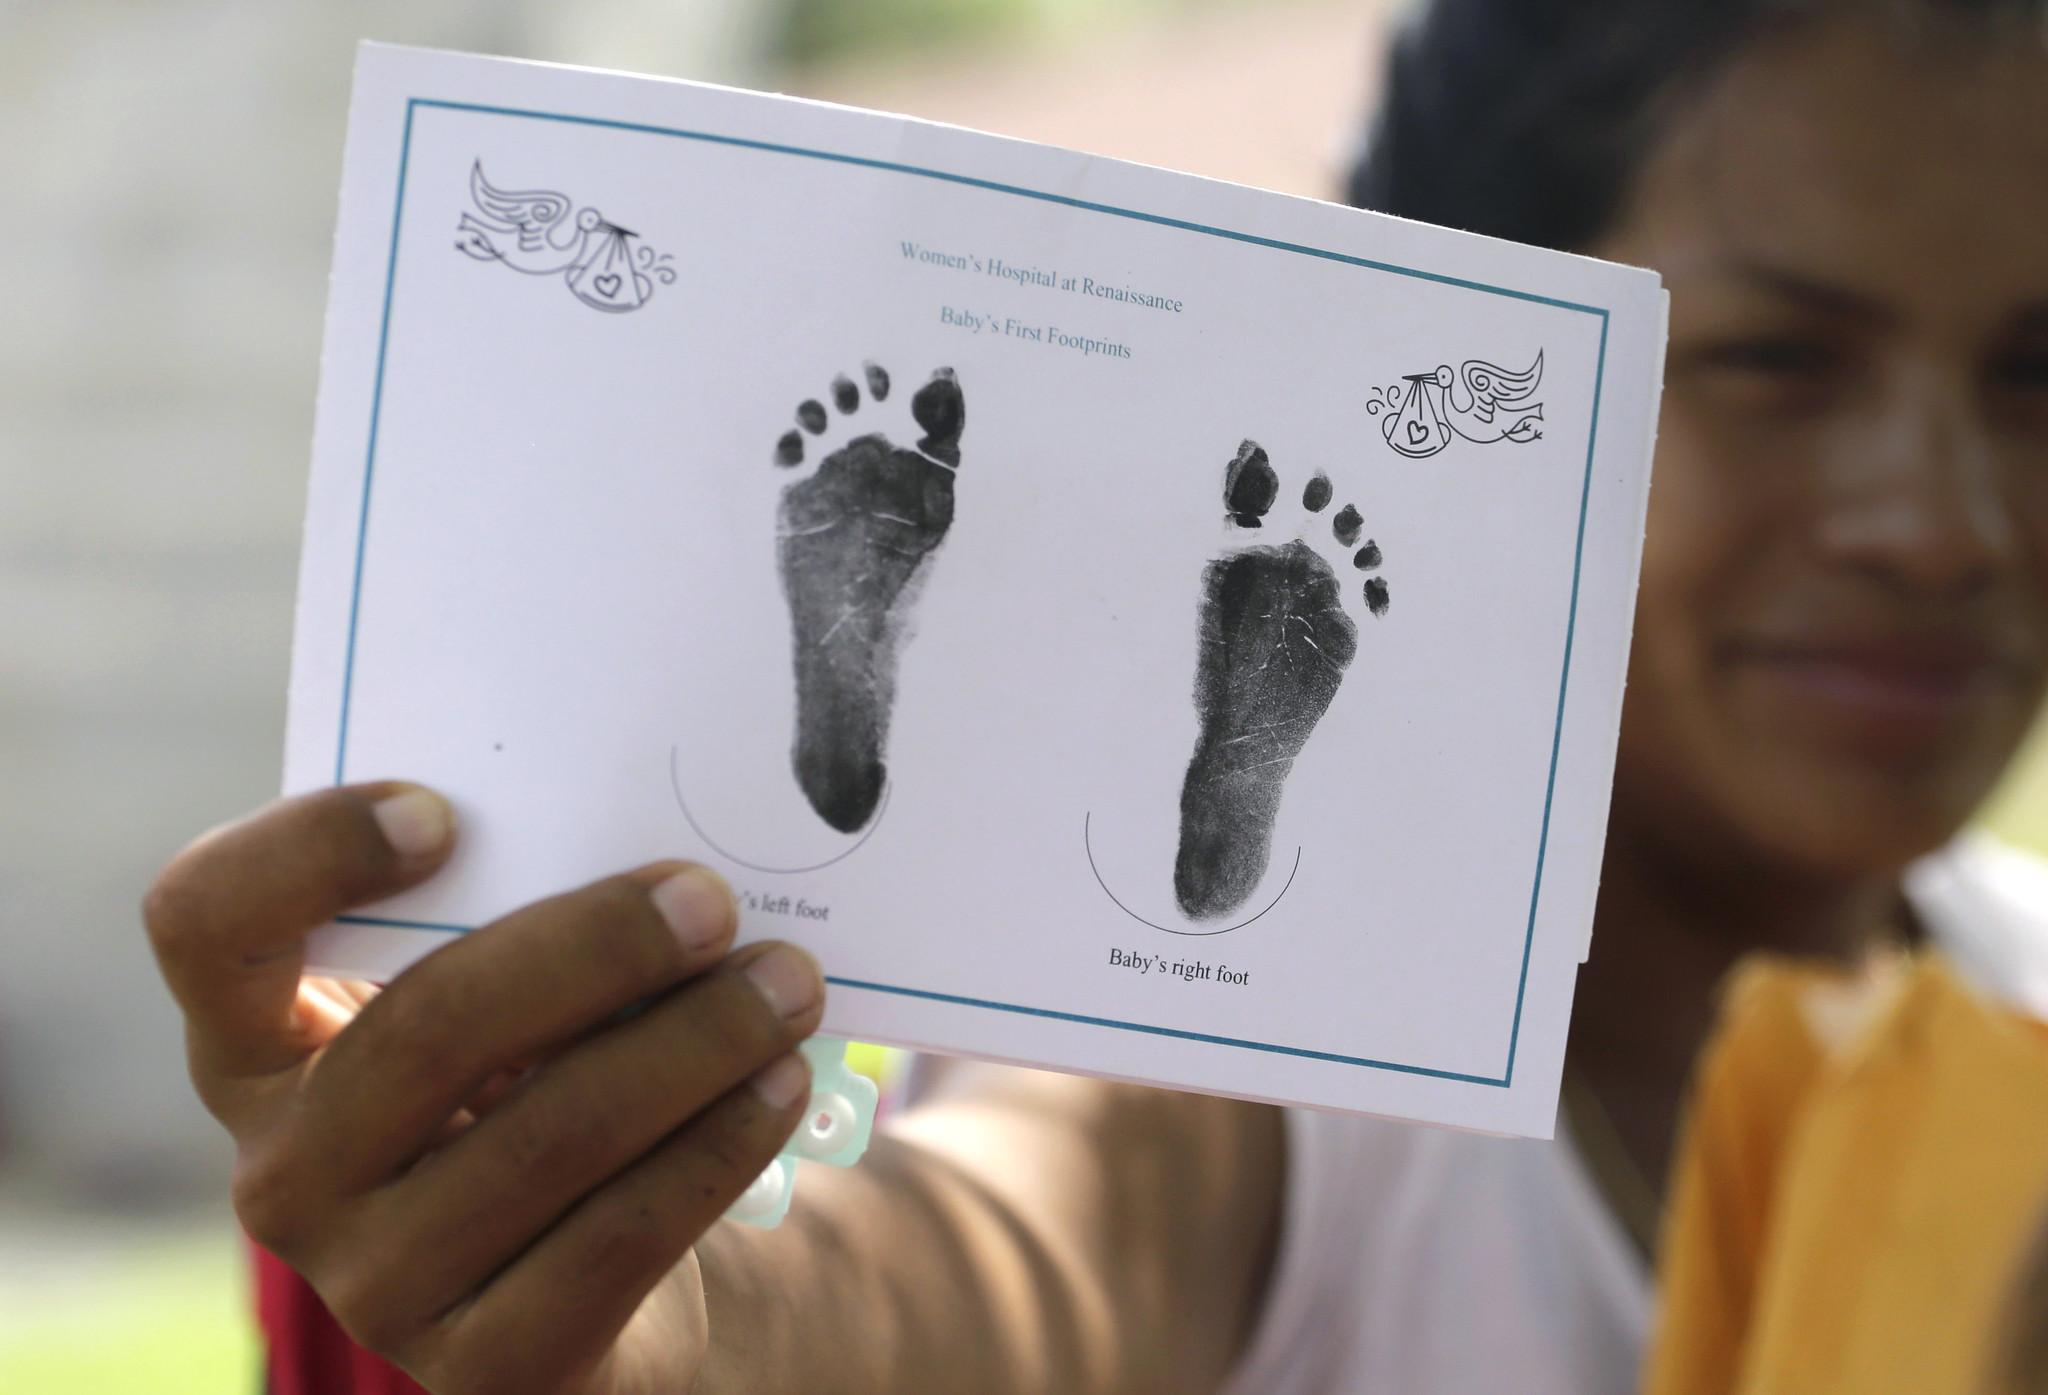 Les negaron un certificado de nacimiento, ahora pedirán audiencia ...